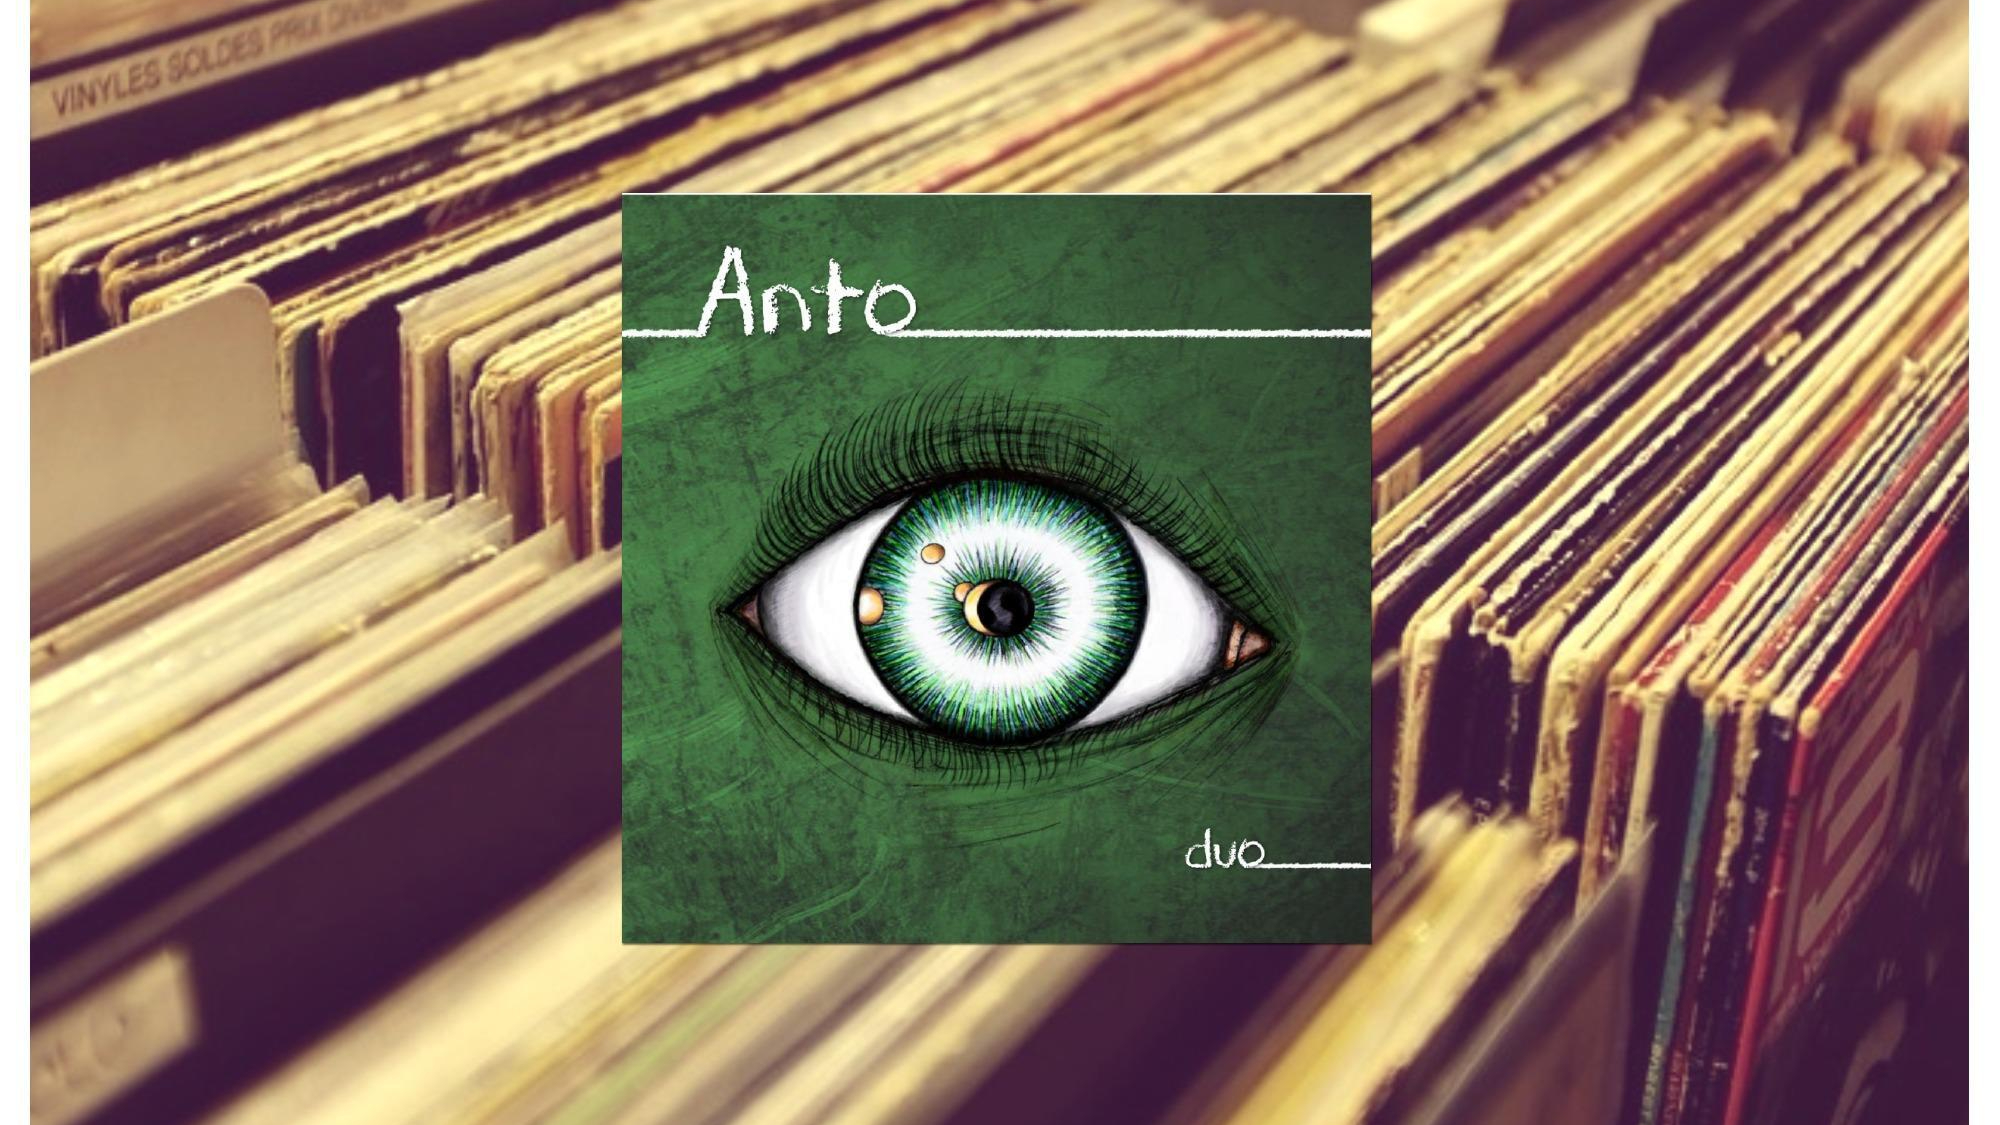 Anto, Duo [Le Disque de la Semaine]